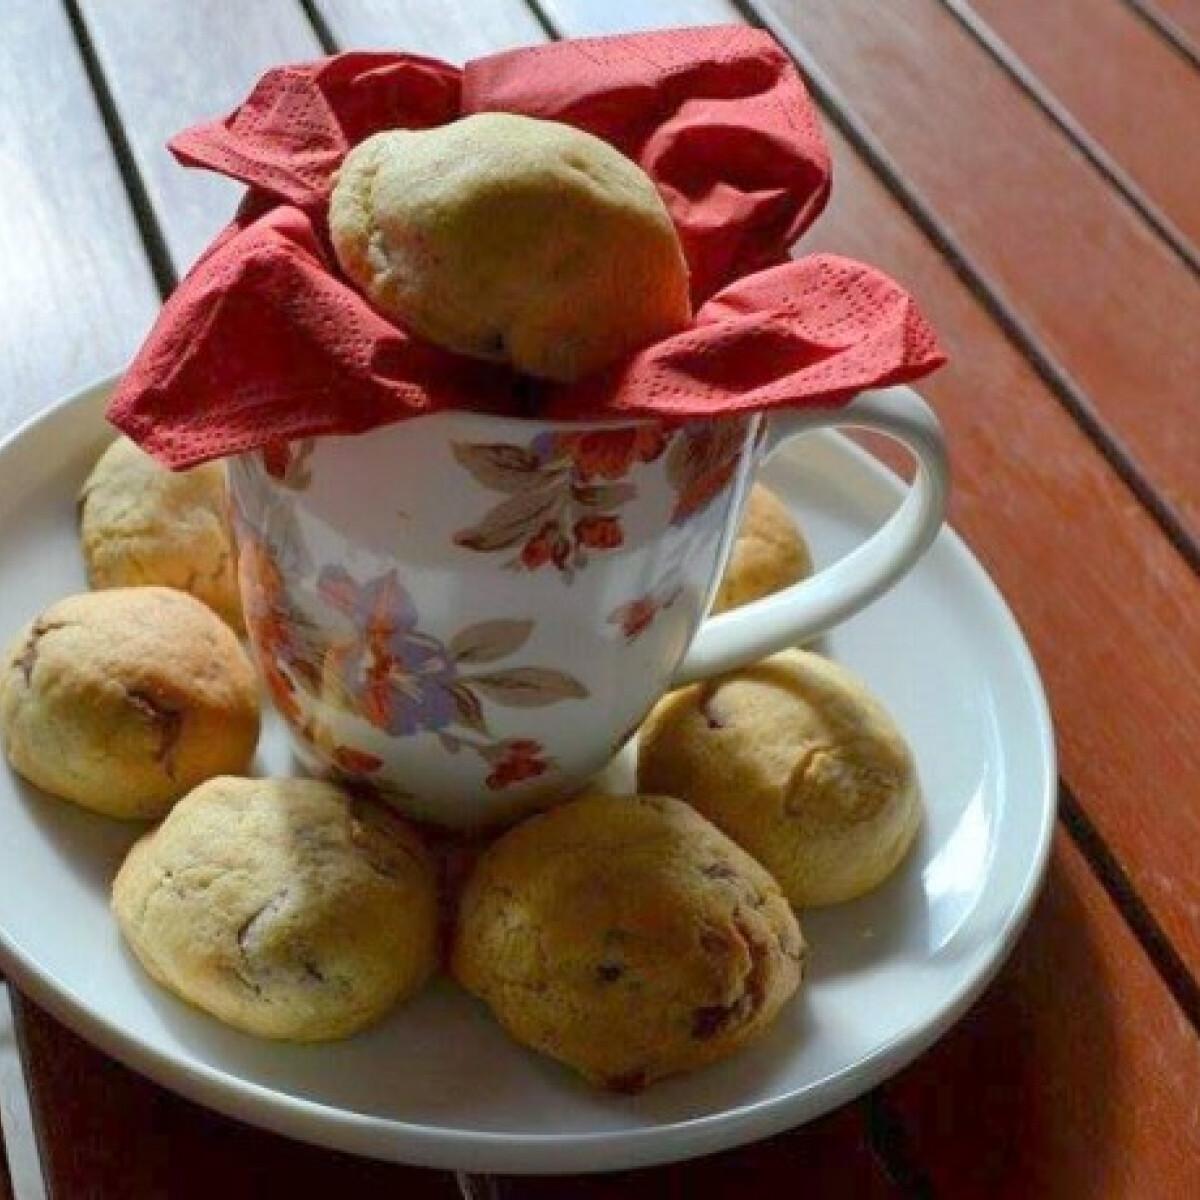 Ezen a képen: Nutellával töltött keksz Lilo konyhájából